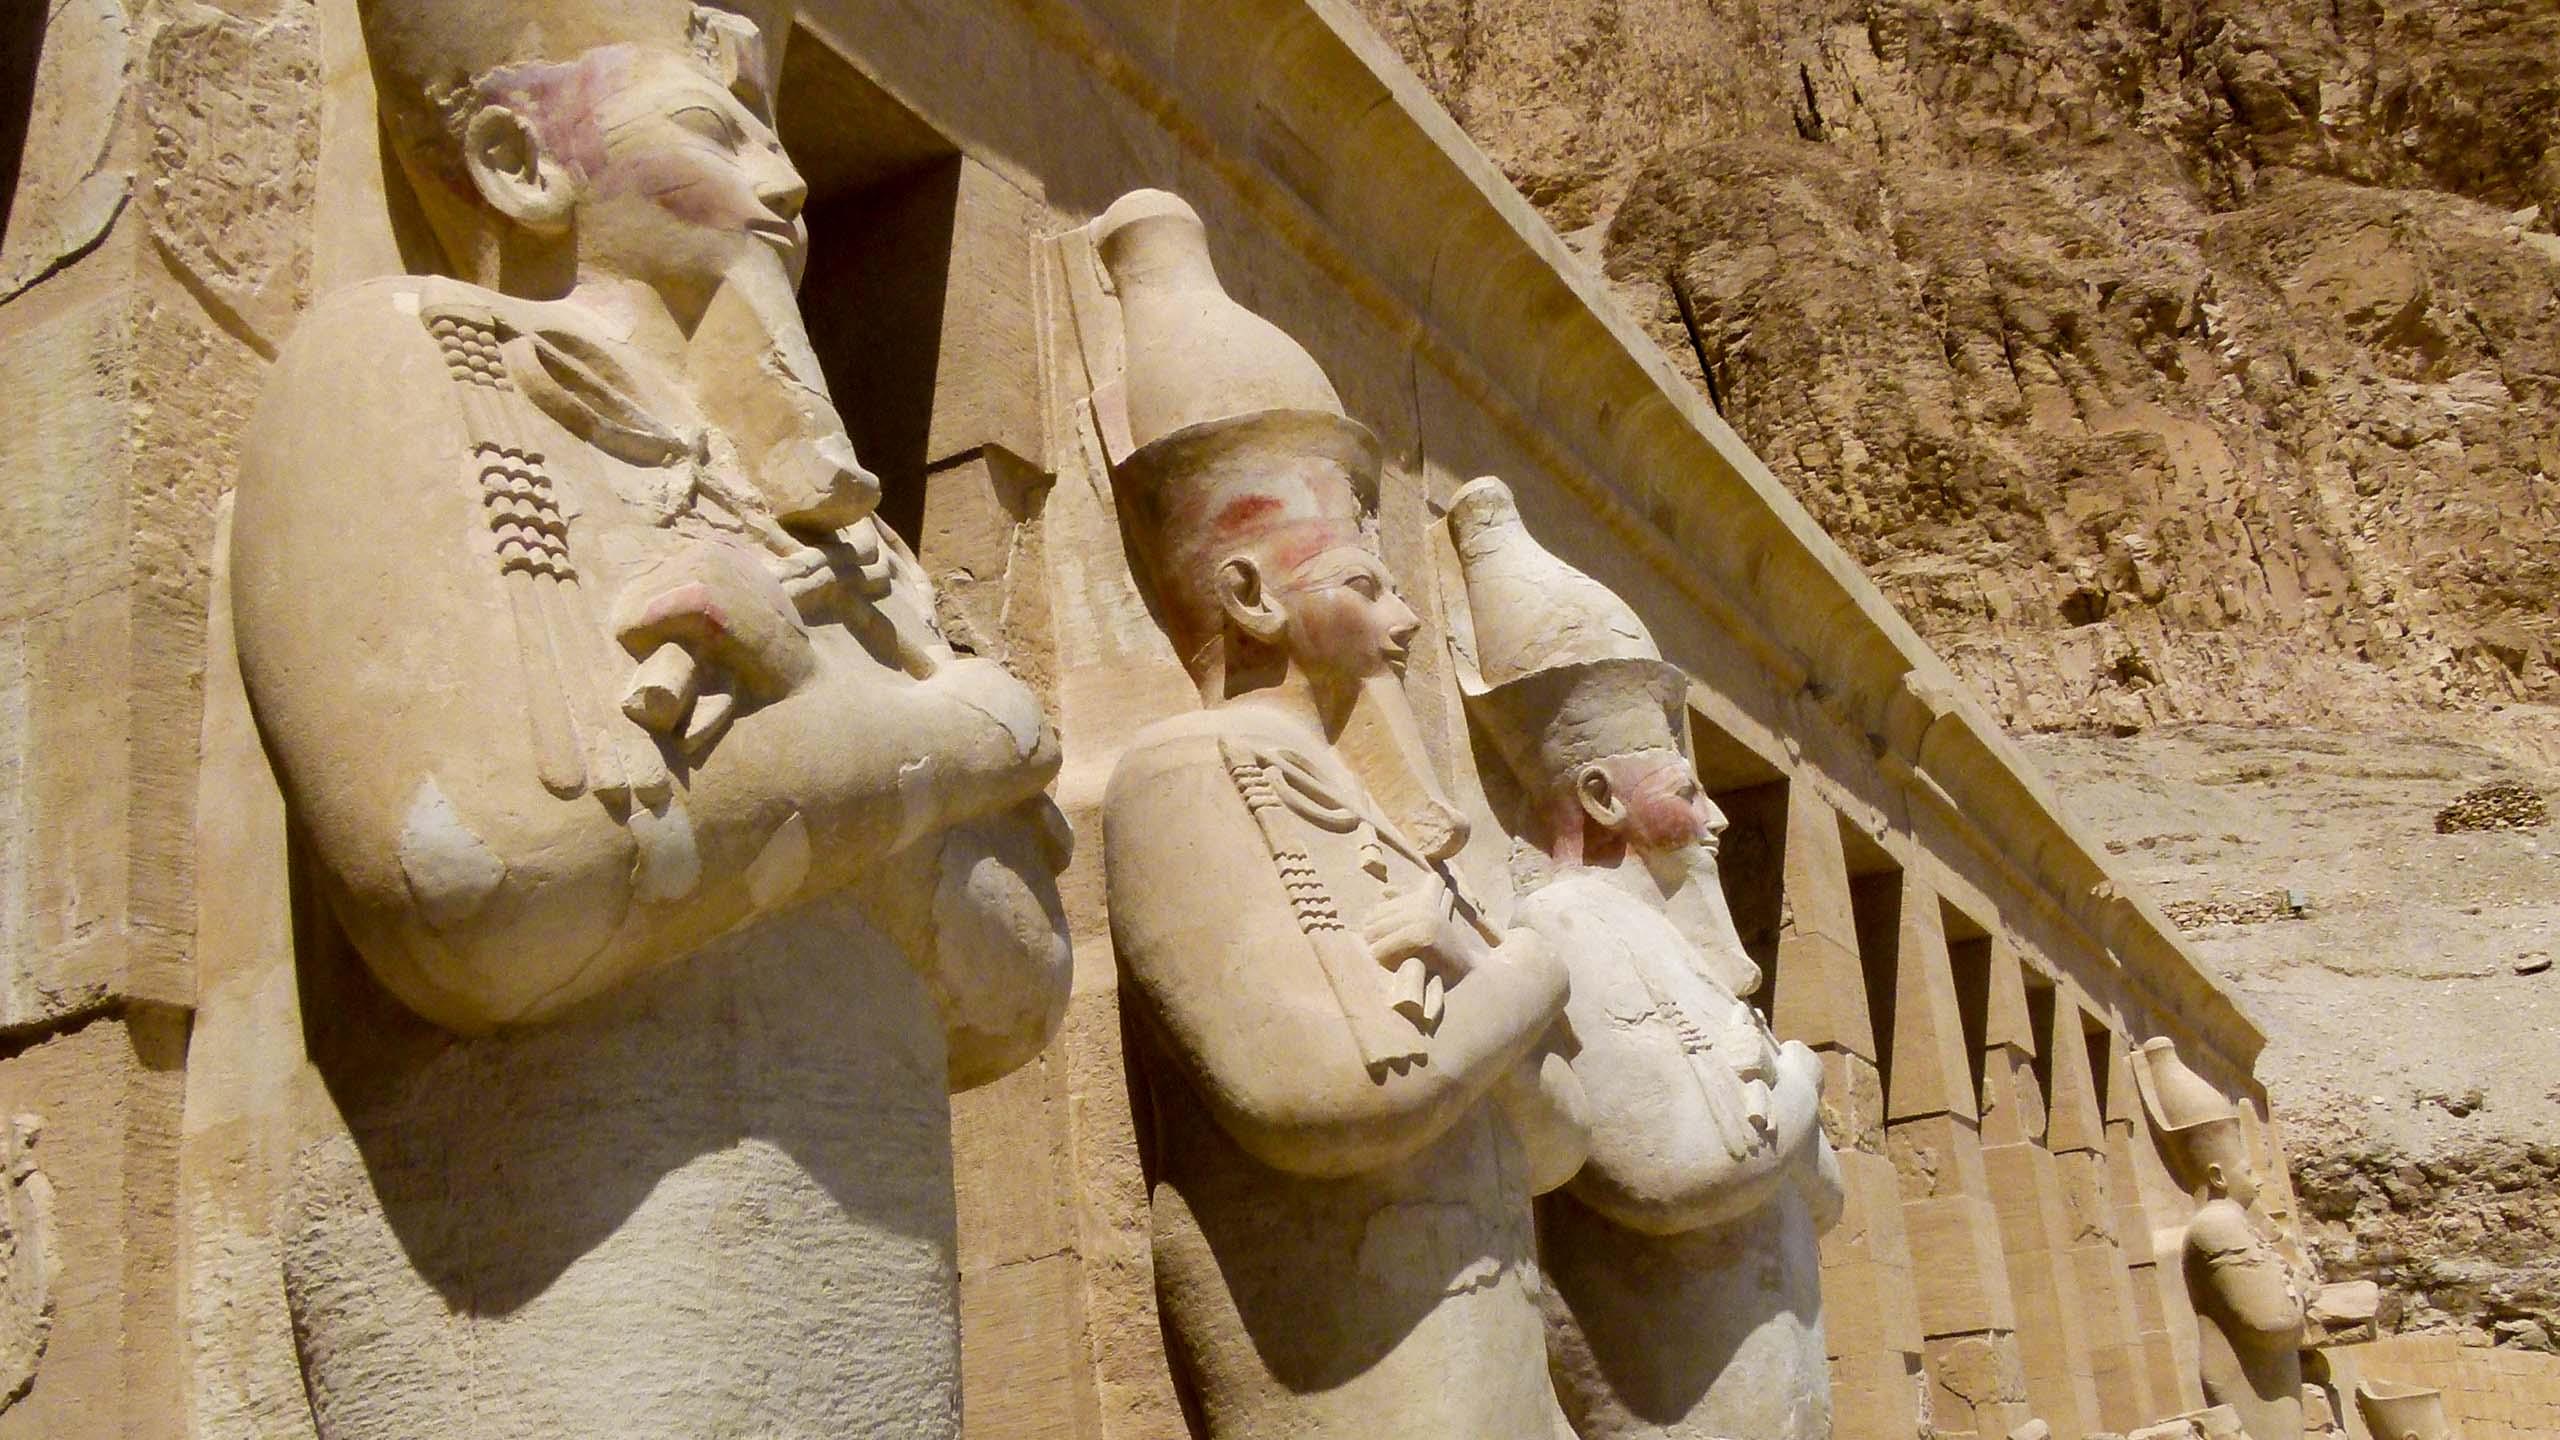 Pharaoh statues in Egypt